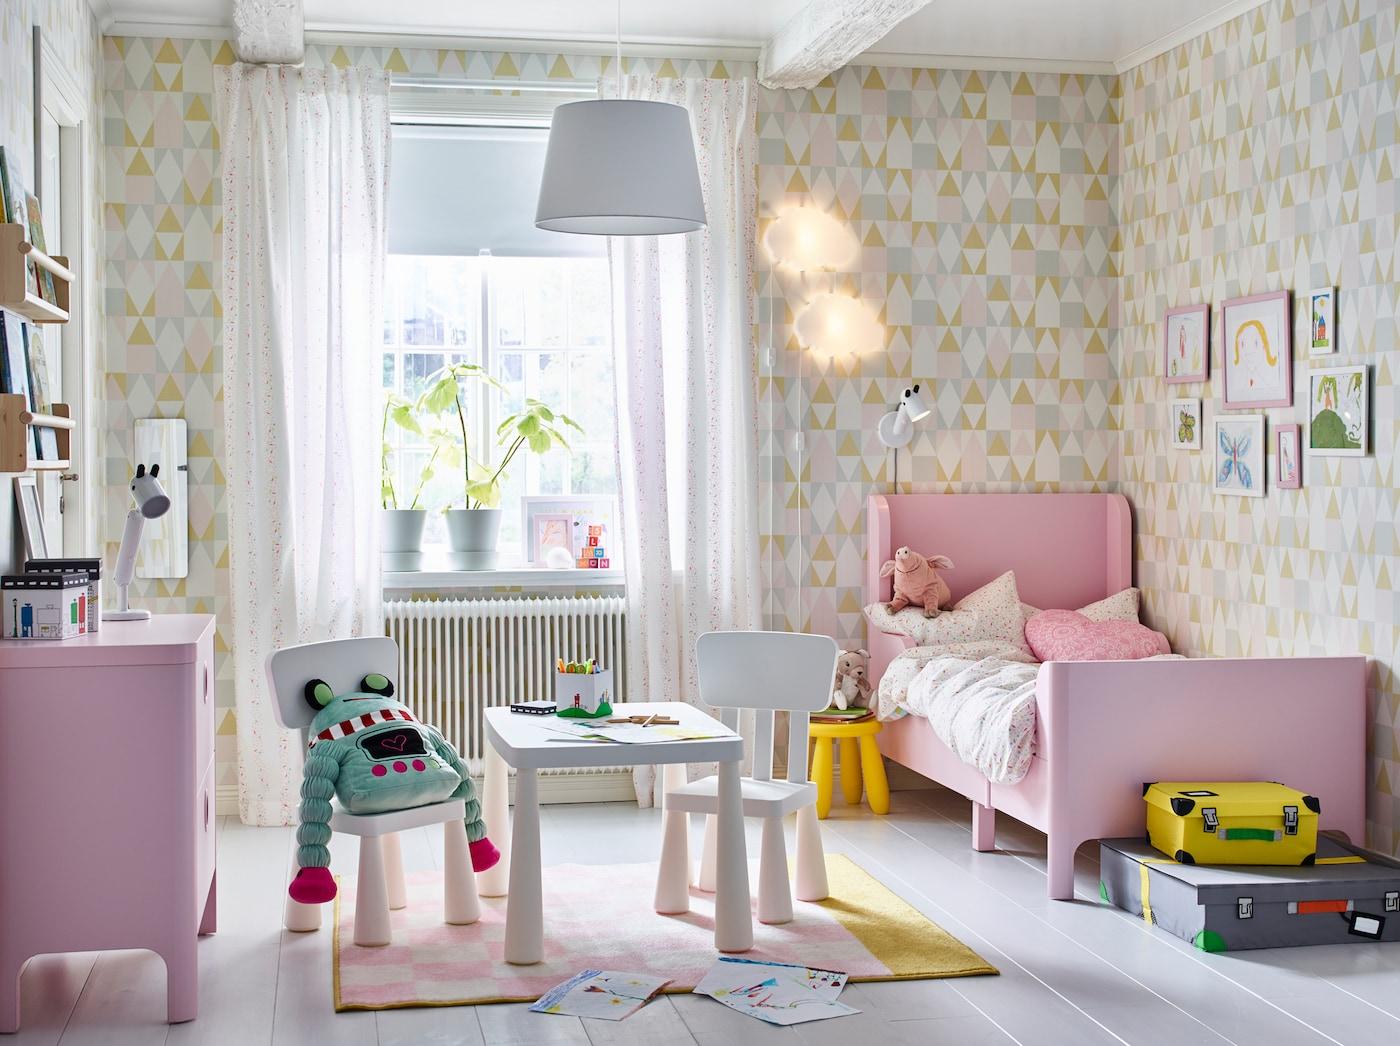 Hedendaags Kinderen - Richt de kinderkamer in met kindermeubels - IKEA QX-02